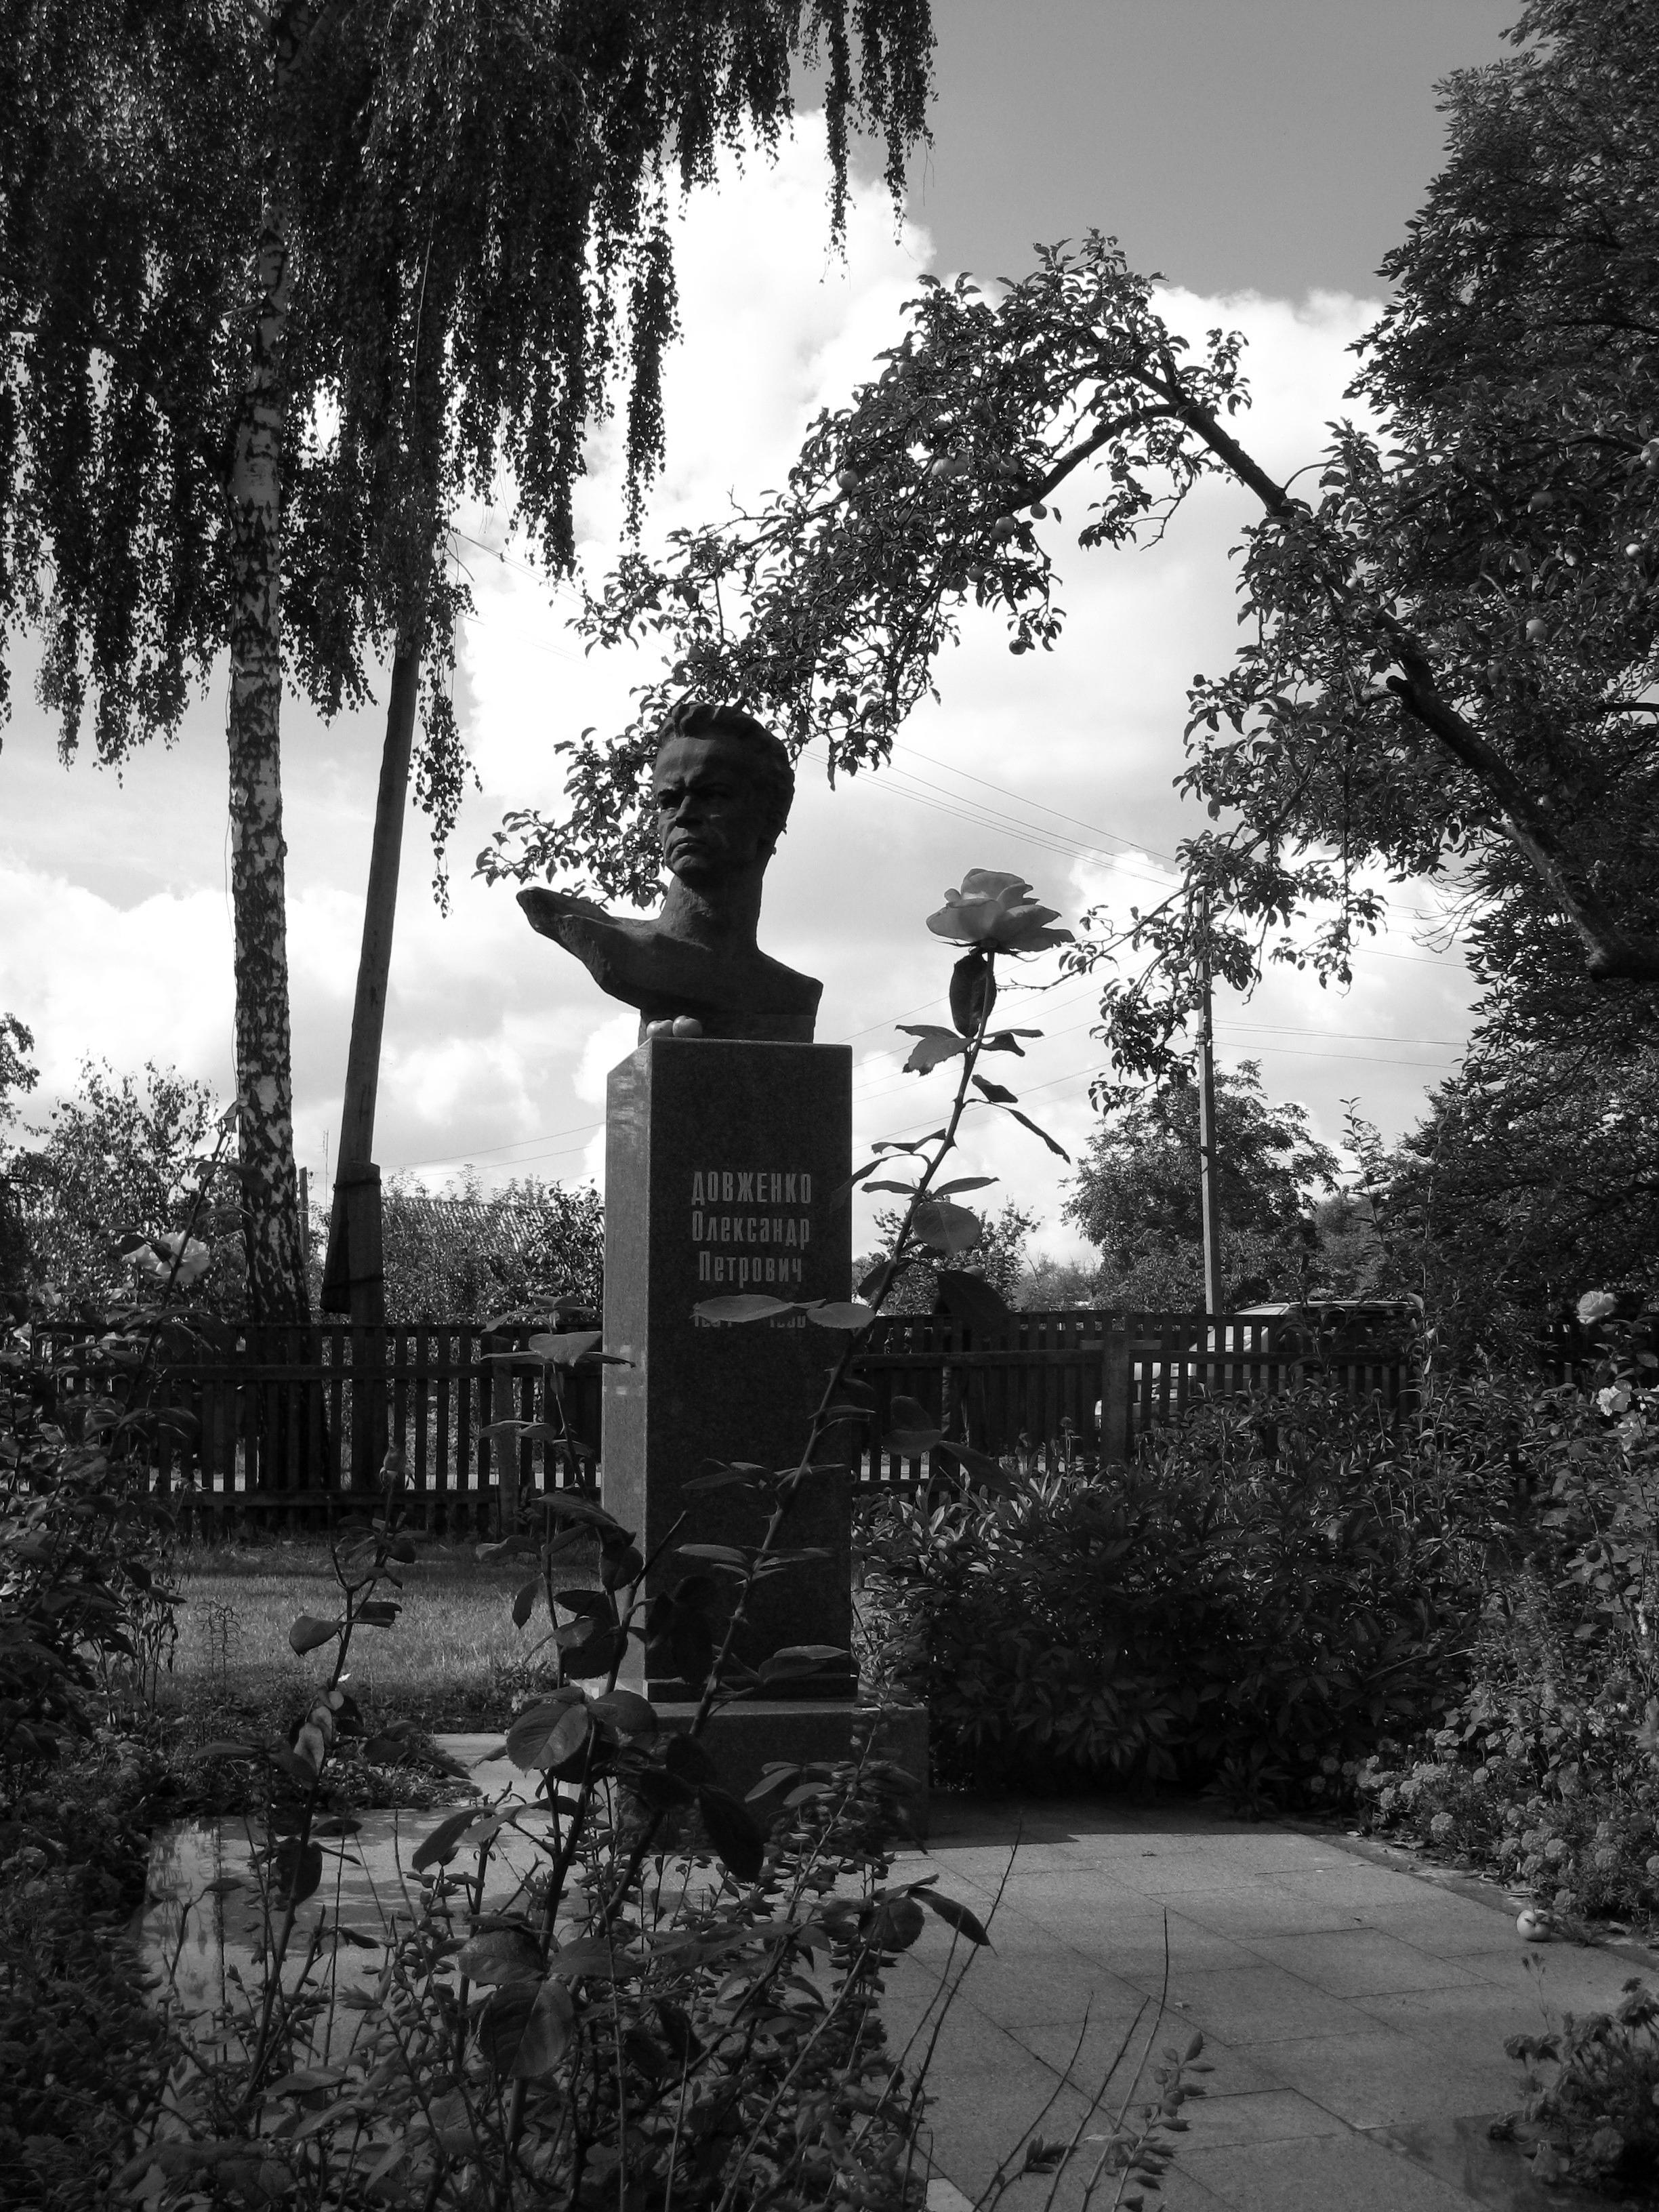 Мемориал Александра Довженко в Соснице. Фото: Сосницкий литературно-мемориальный музей Александра Довженко